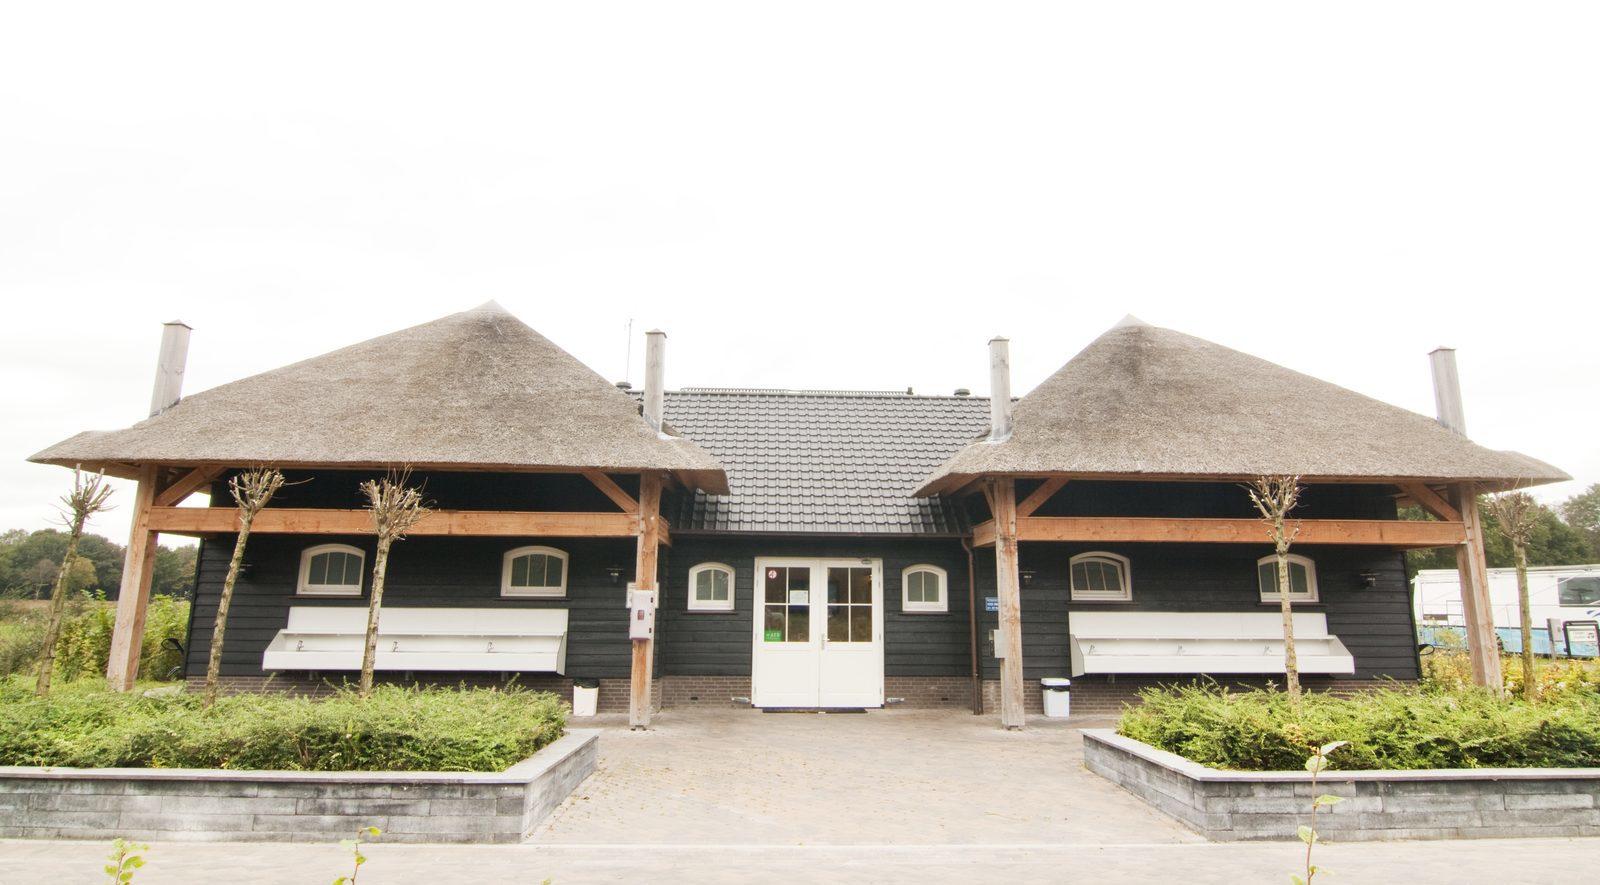 Luxus-Sanitärgebäude auf dem Campingplatz des Ferienparks De Boshoek